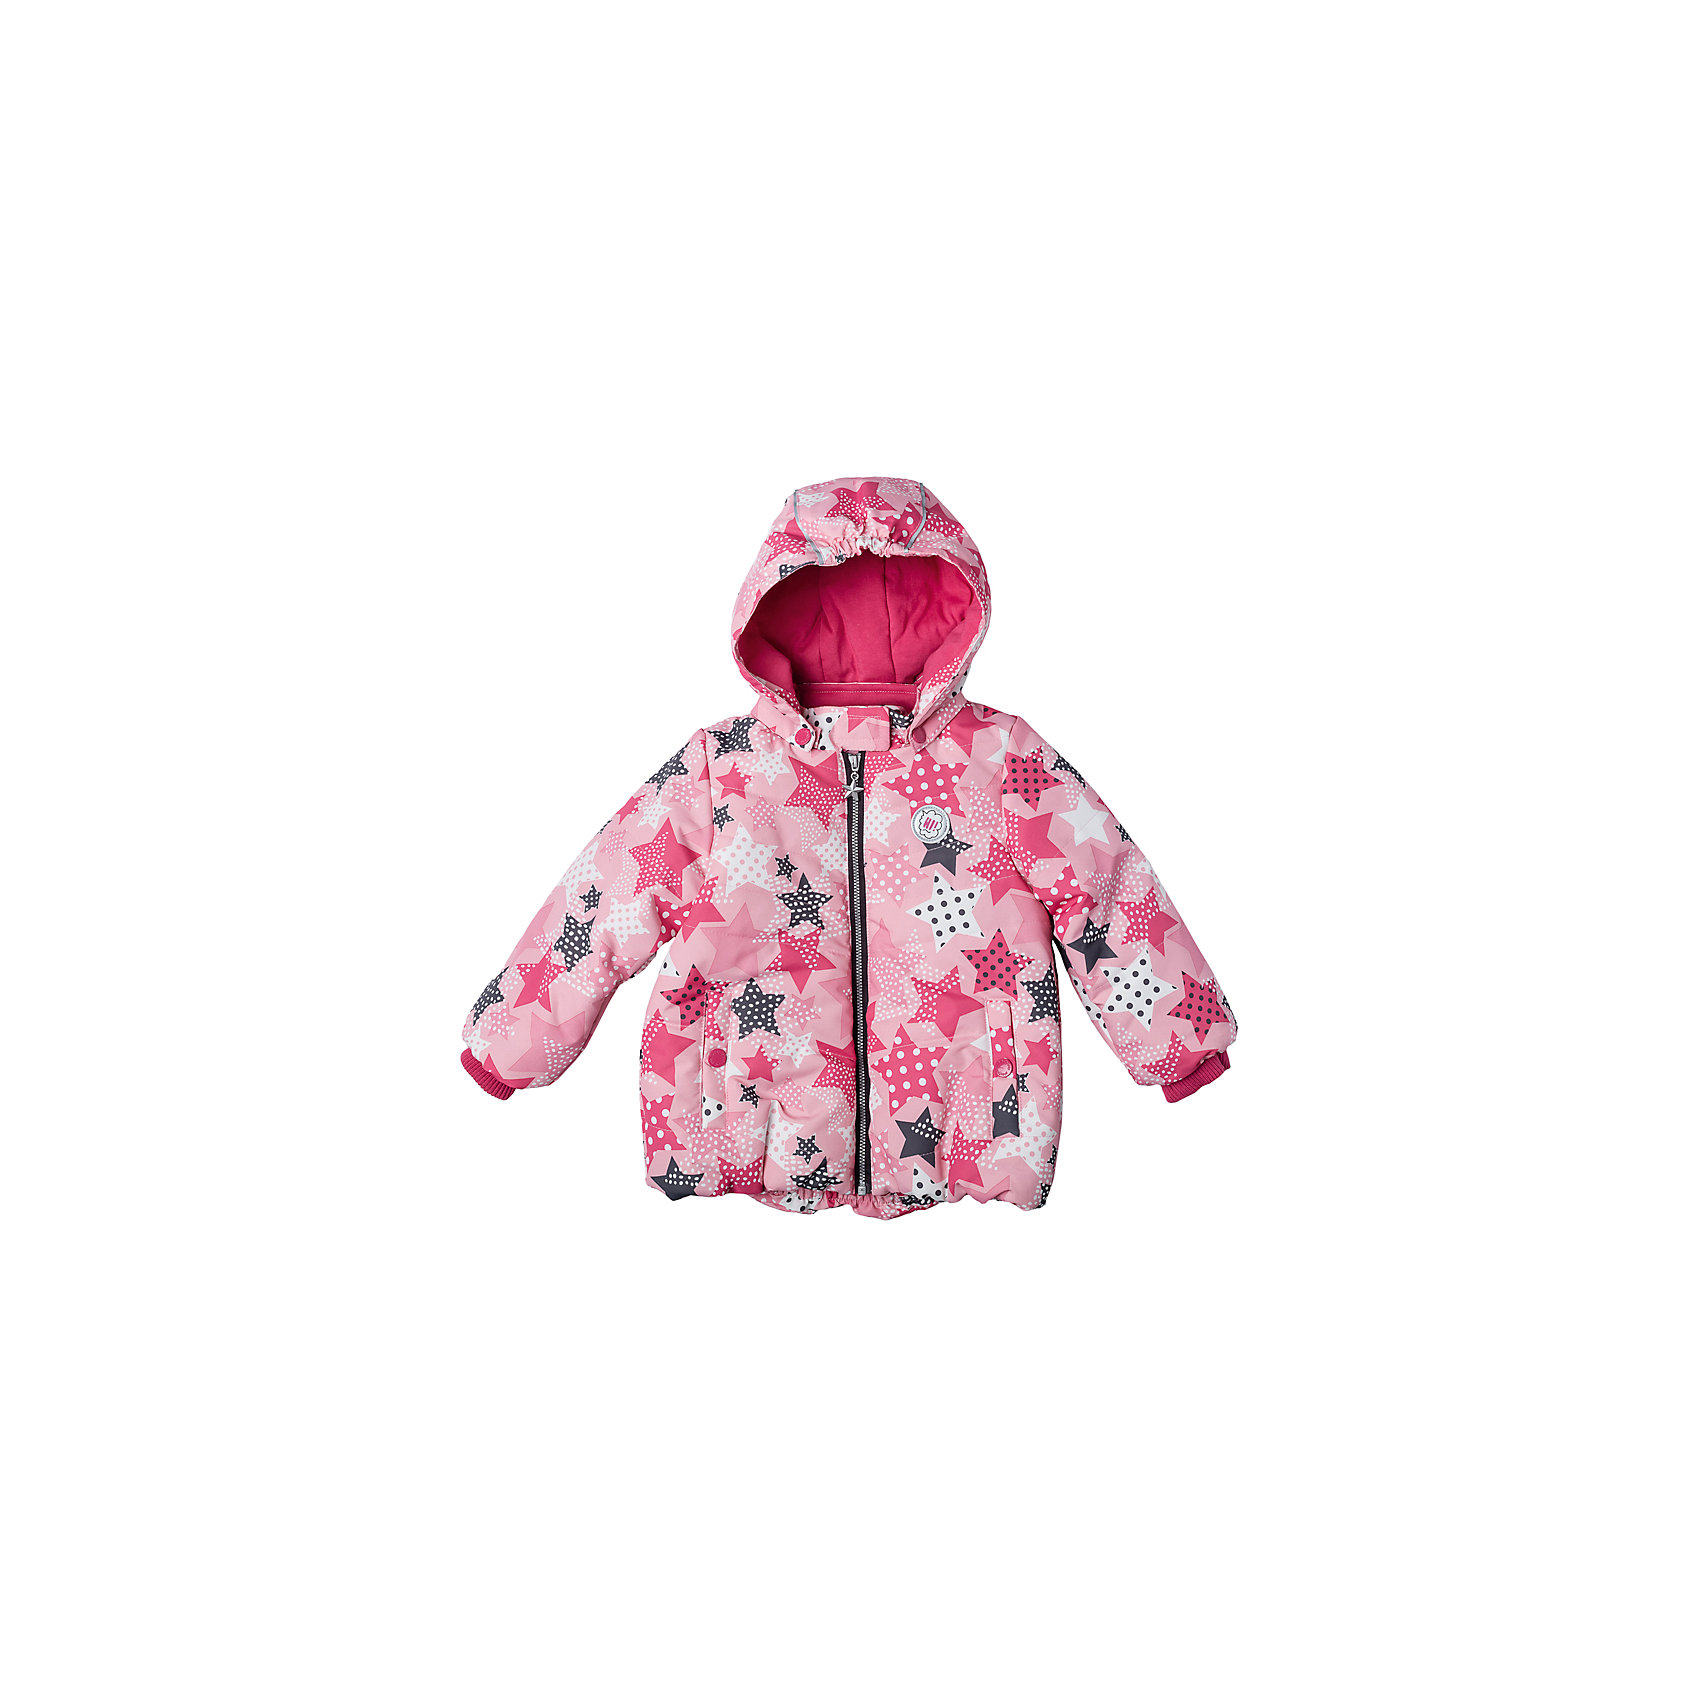 Куртка для девочки PlayTodayВерхняя одежда<br>Куртка для девочки PlayToday<br>Практичная утепленная куртка с капюшоном со специальной водоотталкивающей пропиткой защитит Вашего ребенка в любую погоду! Мягкие трикотажные резинки на рукавах защитят Вашего ребенка - ветер не сможет проникнуть под куртку.  Специальный карман для фиксации застежки-молнии не позволит застежке травмировать нежную детскую кожу. Мягкая резинка на капюшоне не позволит ему упасть с головы вашего ребенка даже во время активных игр.Преимущества: Защита подбородка. Специальный карман для фиксации застежки-молнии. Наличие данного кармана не позволит застежке -молнии травмировать нежную кожу ребенкаКапюшон на мягкой резинкеВодоооталкивающая пропитка<br>Состав:<br>Верх: 100% полиэстер, подкладка: 80% хлопок, 20% полиэстер, Утеплитель 100% полиэстер, 150 г/м2<br><br>Ширина мм: 356<br>Глубина мм: 10<br>Высота мм: 245<br>Вес г: 519<br>Цвет: разноцветный<br>Возраст от месяцев: 6<br>Возраст до месяцев: 9<br>Пол: Женский<br>Возраст: Детский<br>Размер: 74,92,80,86<br>SKU: 5408074